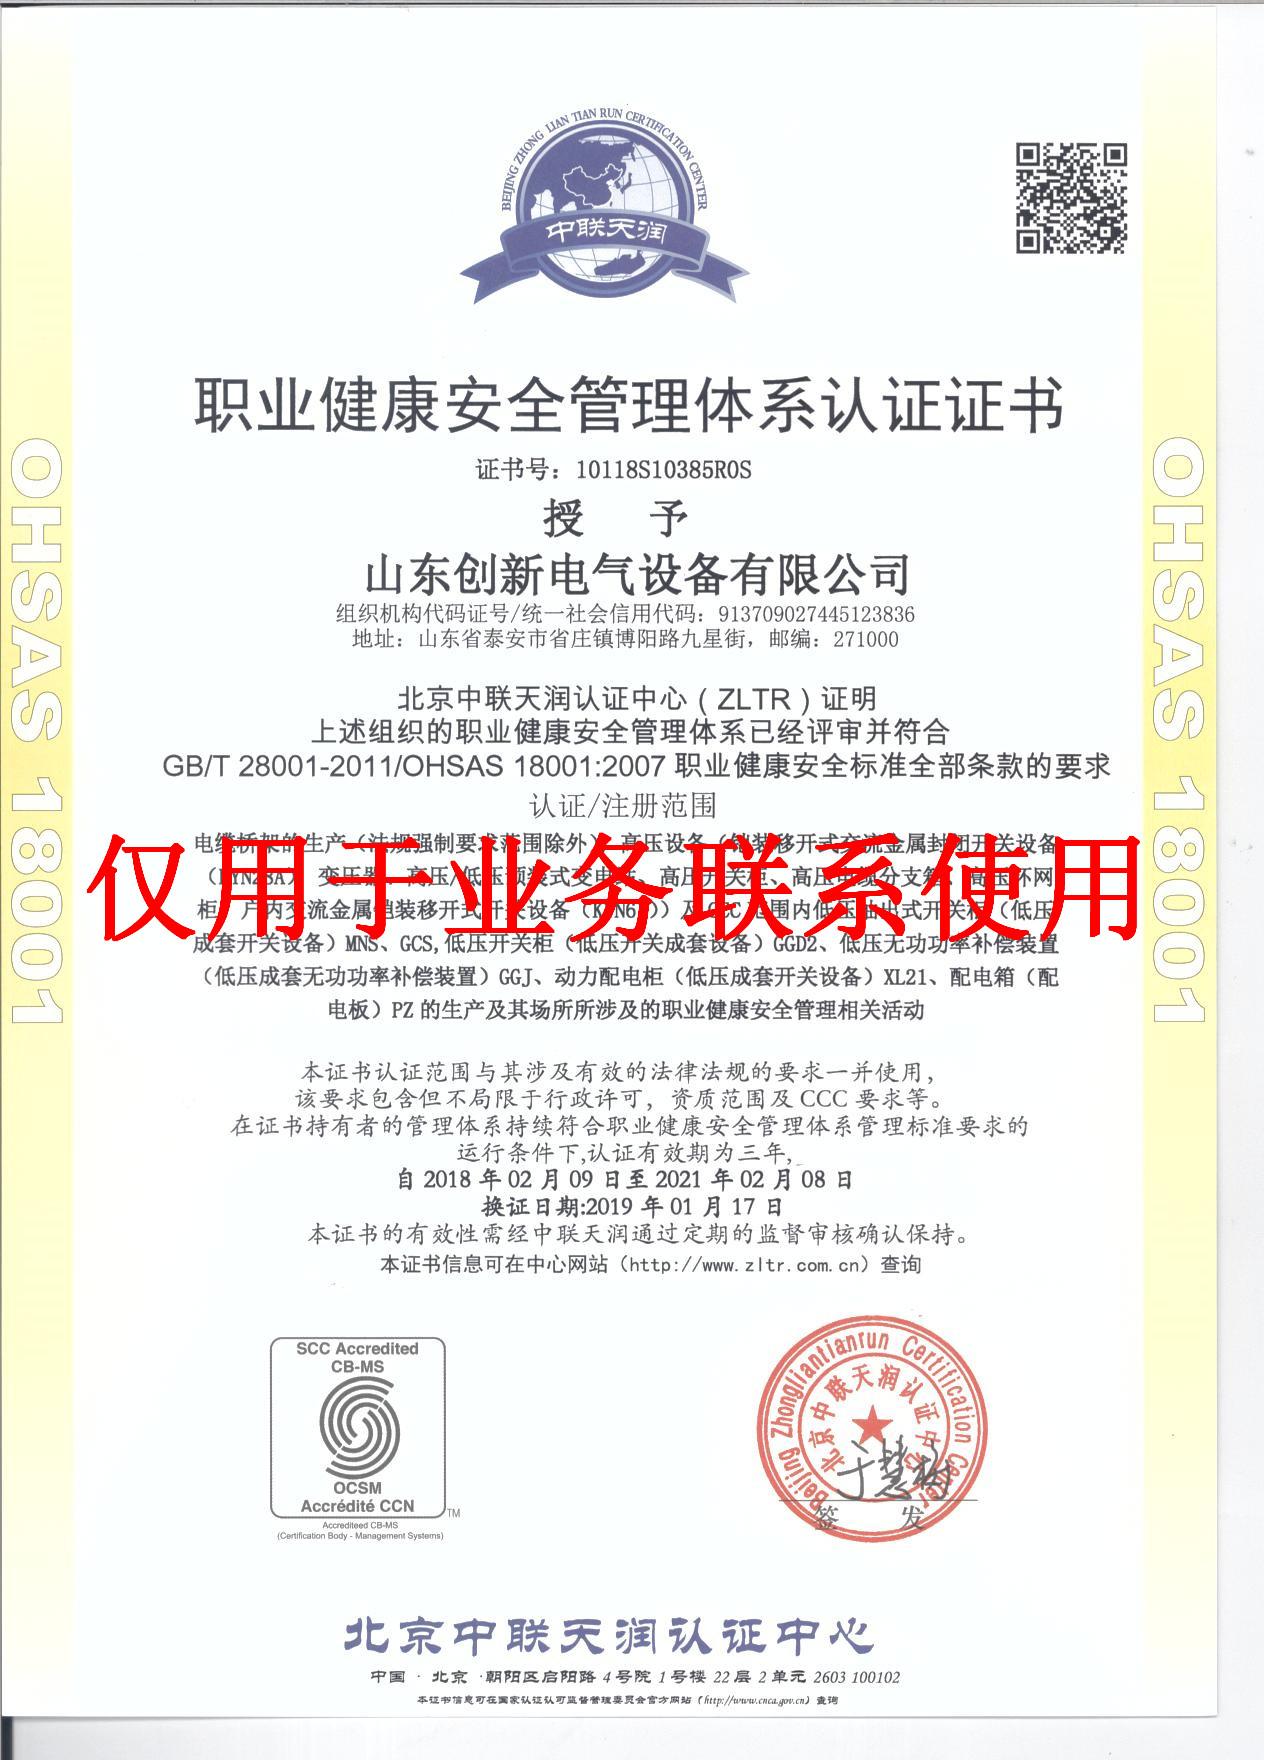 职业健康管理体系认证.jpg